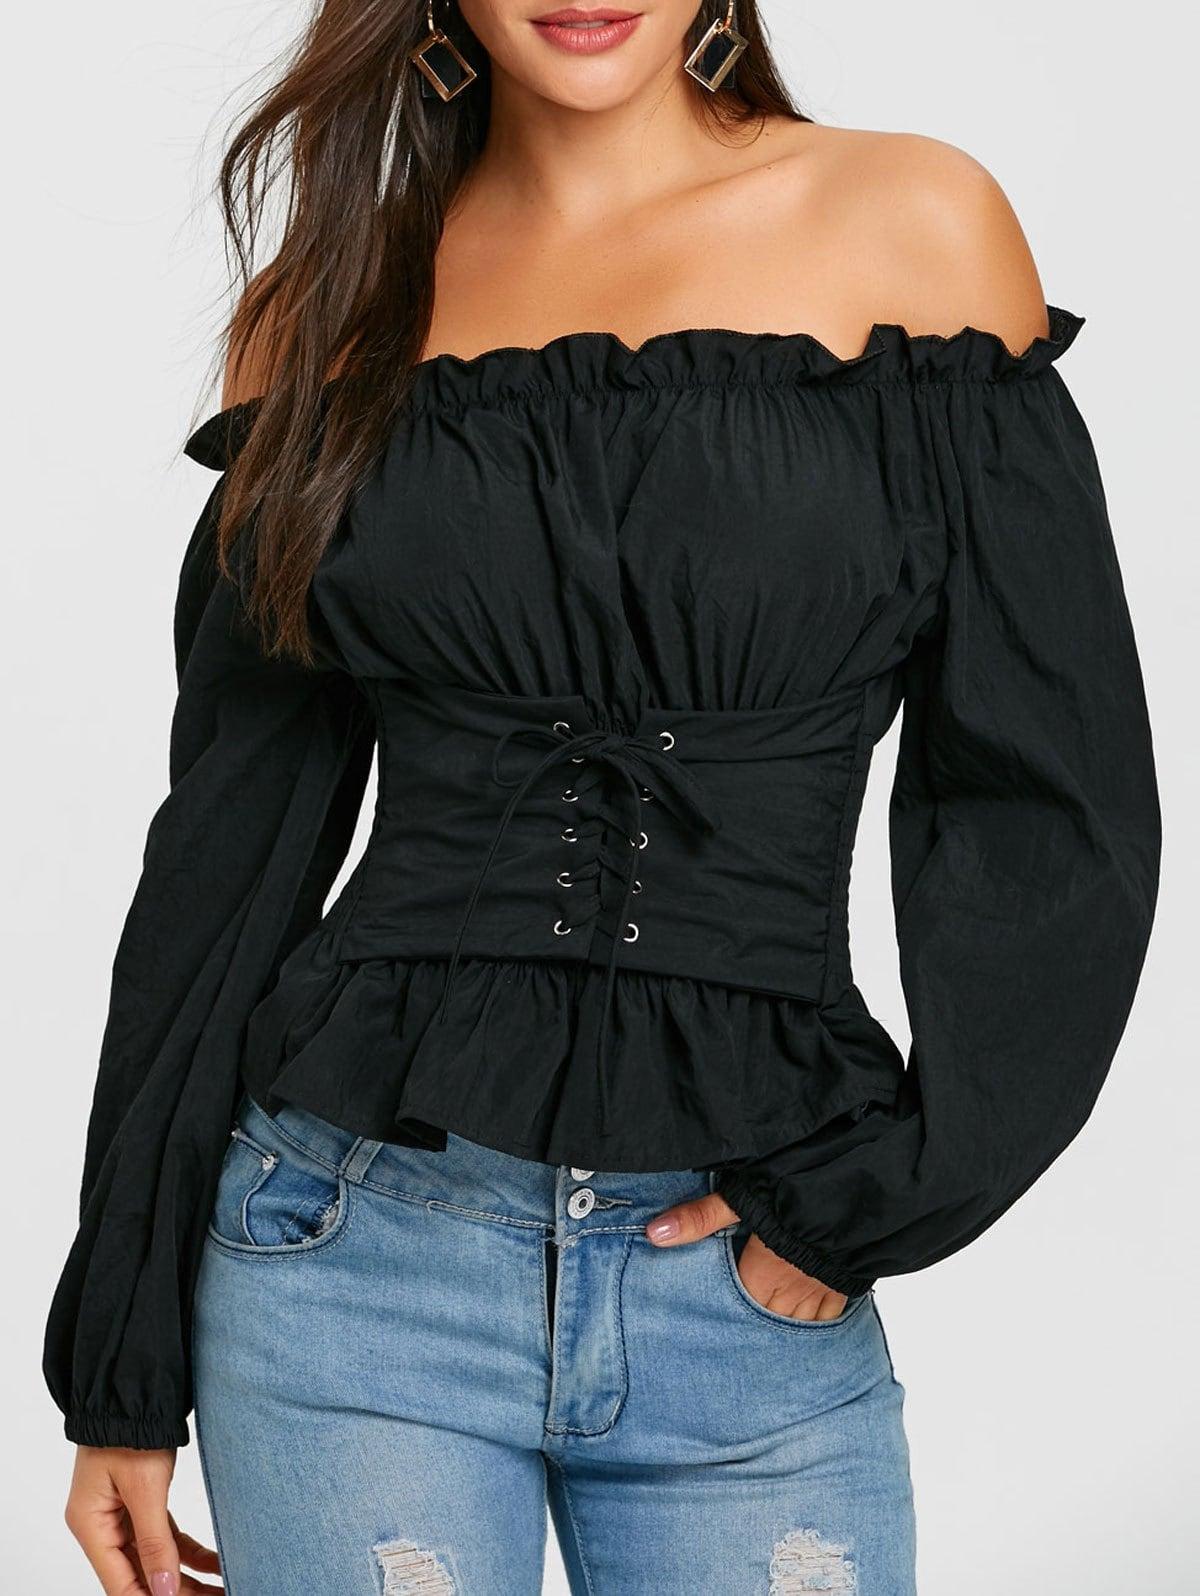 black blouses cheap smocked lace up off the shoulder blouse VXCRGKU